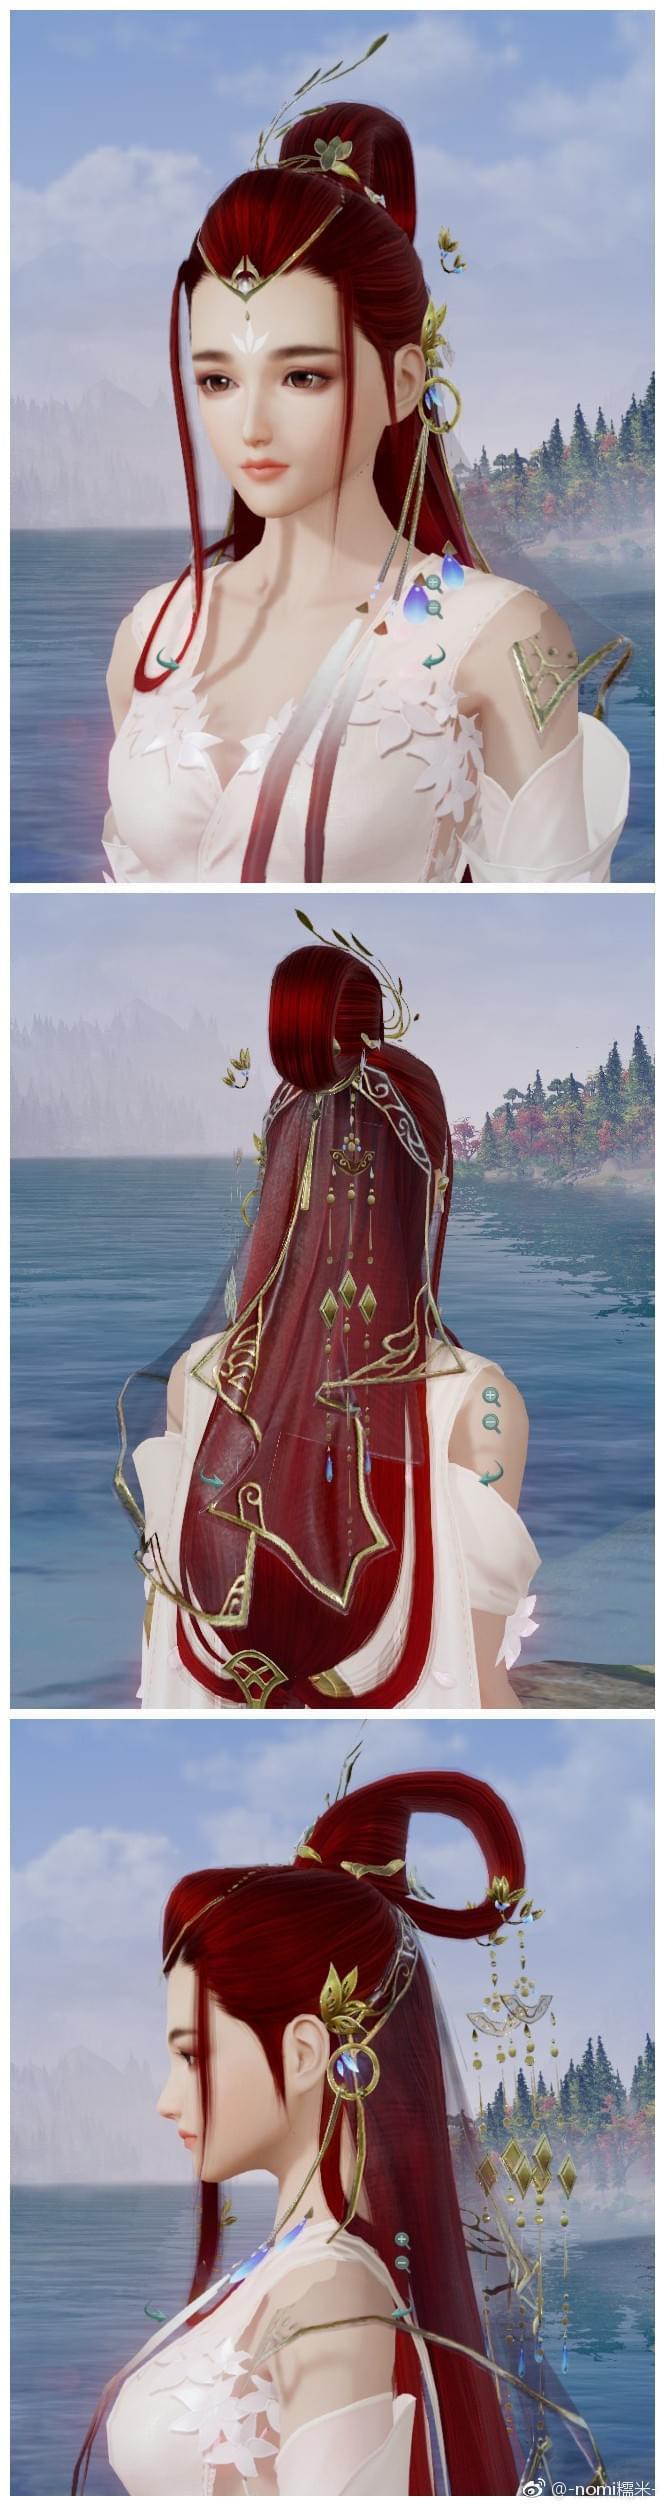 《剑网3》重制版成女金发红发图 六红效果一览